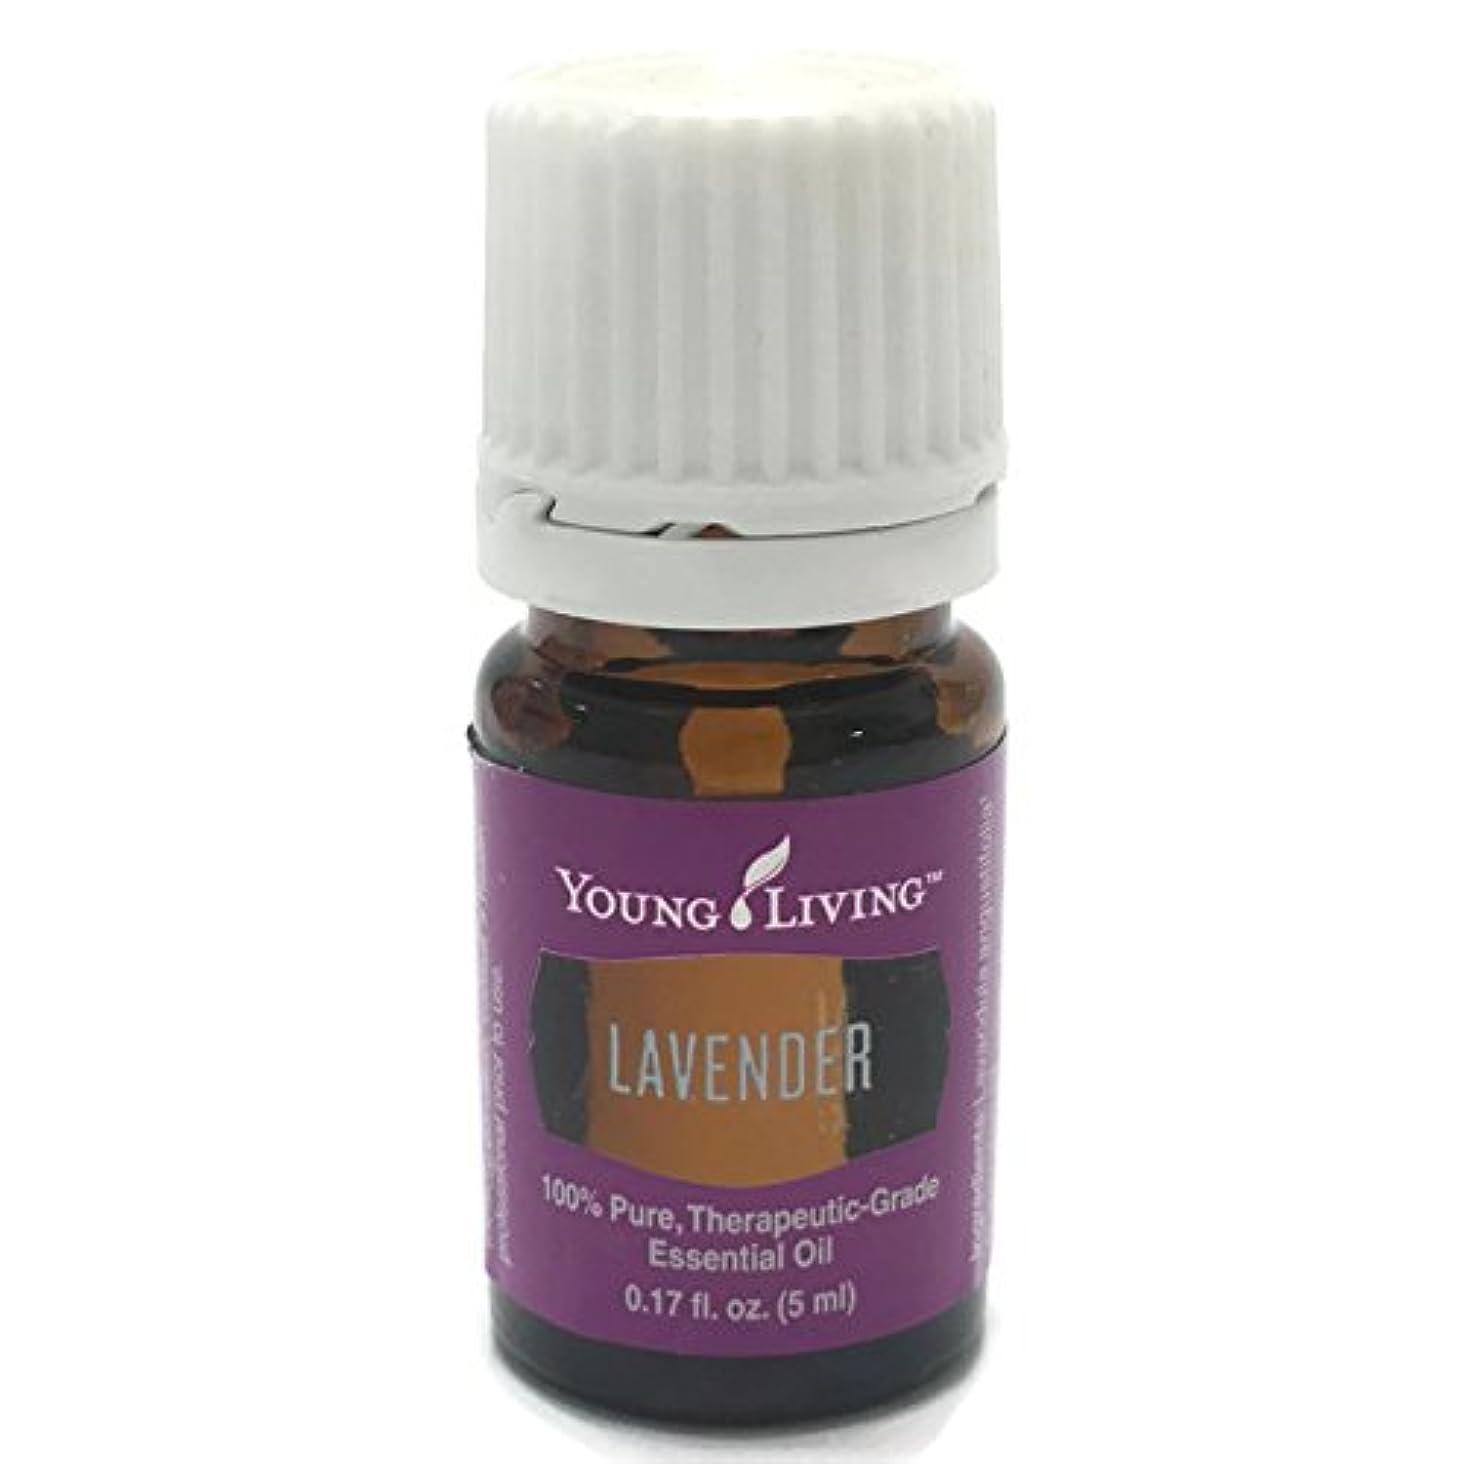 戸口マントルに対処するヤングリビング Young Living ラベンダー Lavender エッセンシャルオイル 5ml